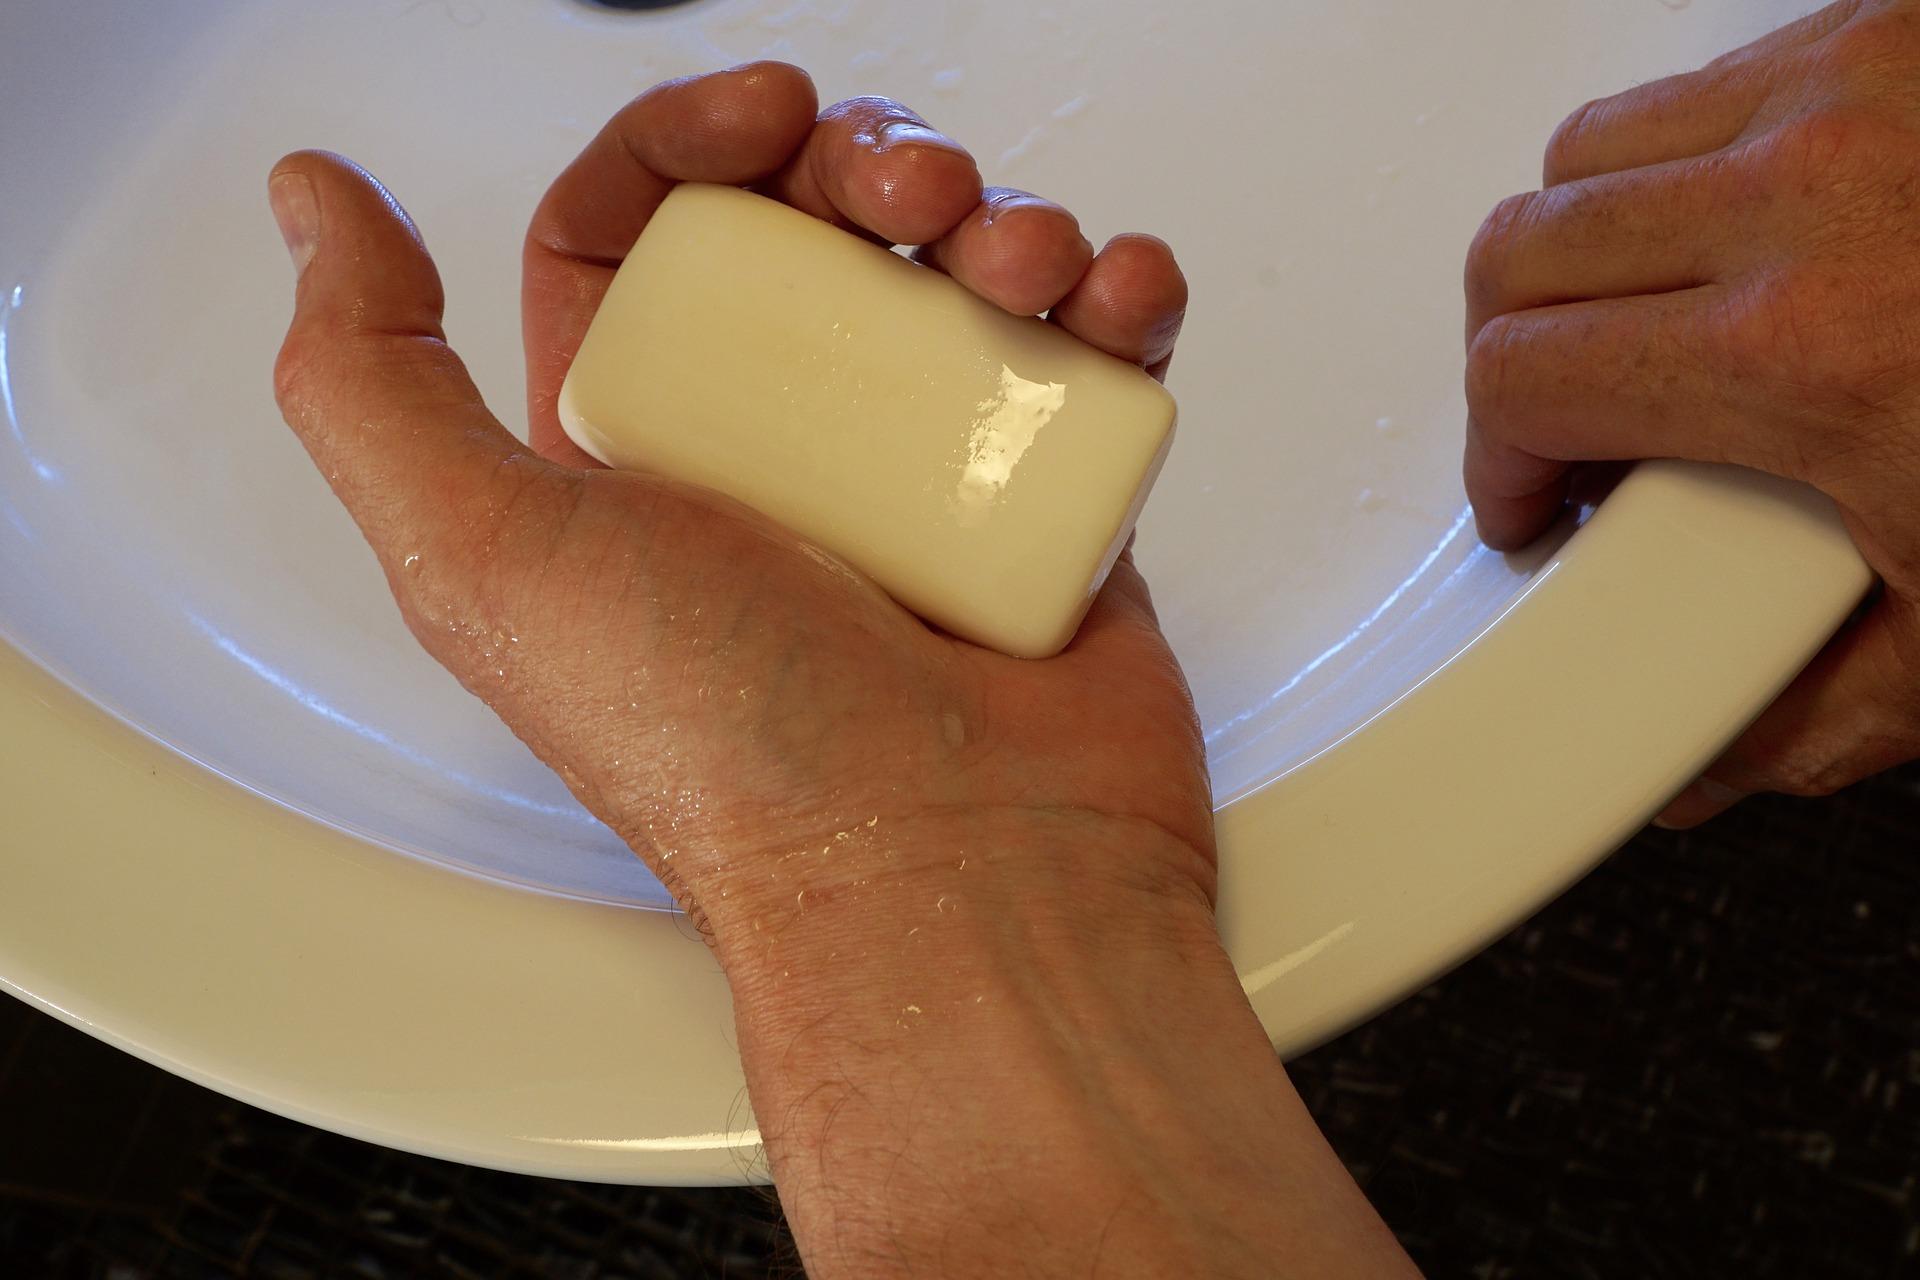 Hygienehypothese